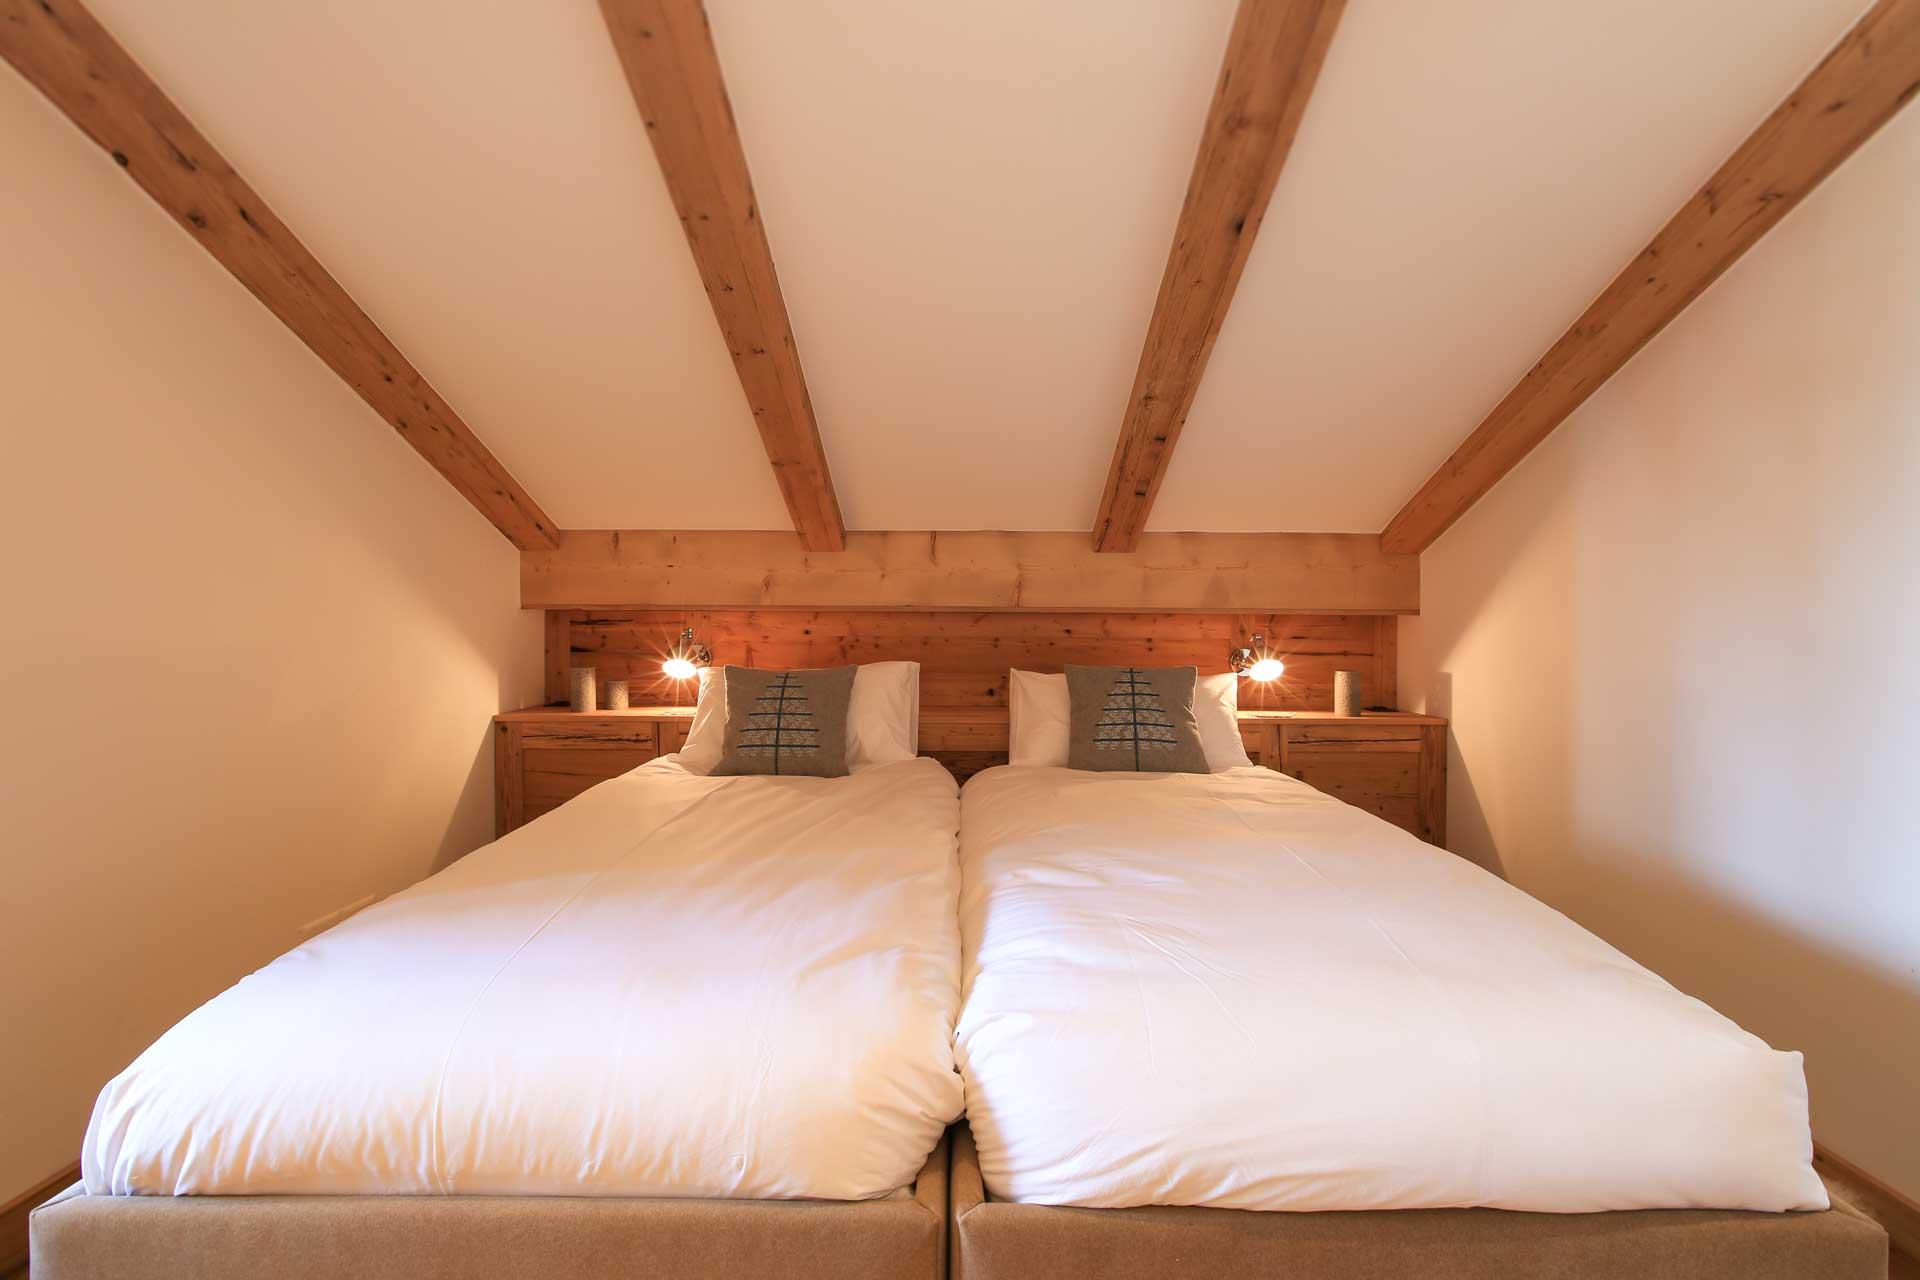 Luxus Appartement Chalet Khione Saas-Fee - Doppelzimmer mit separatem Bad mittig